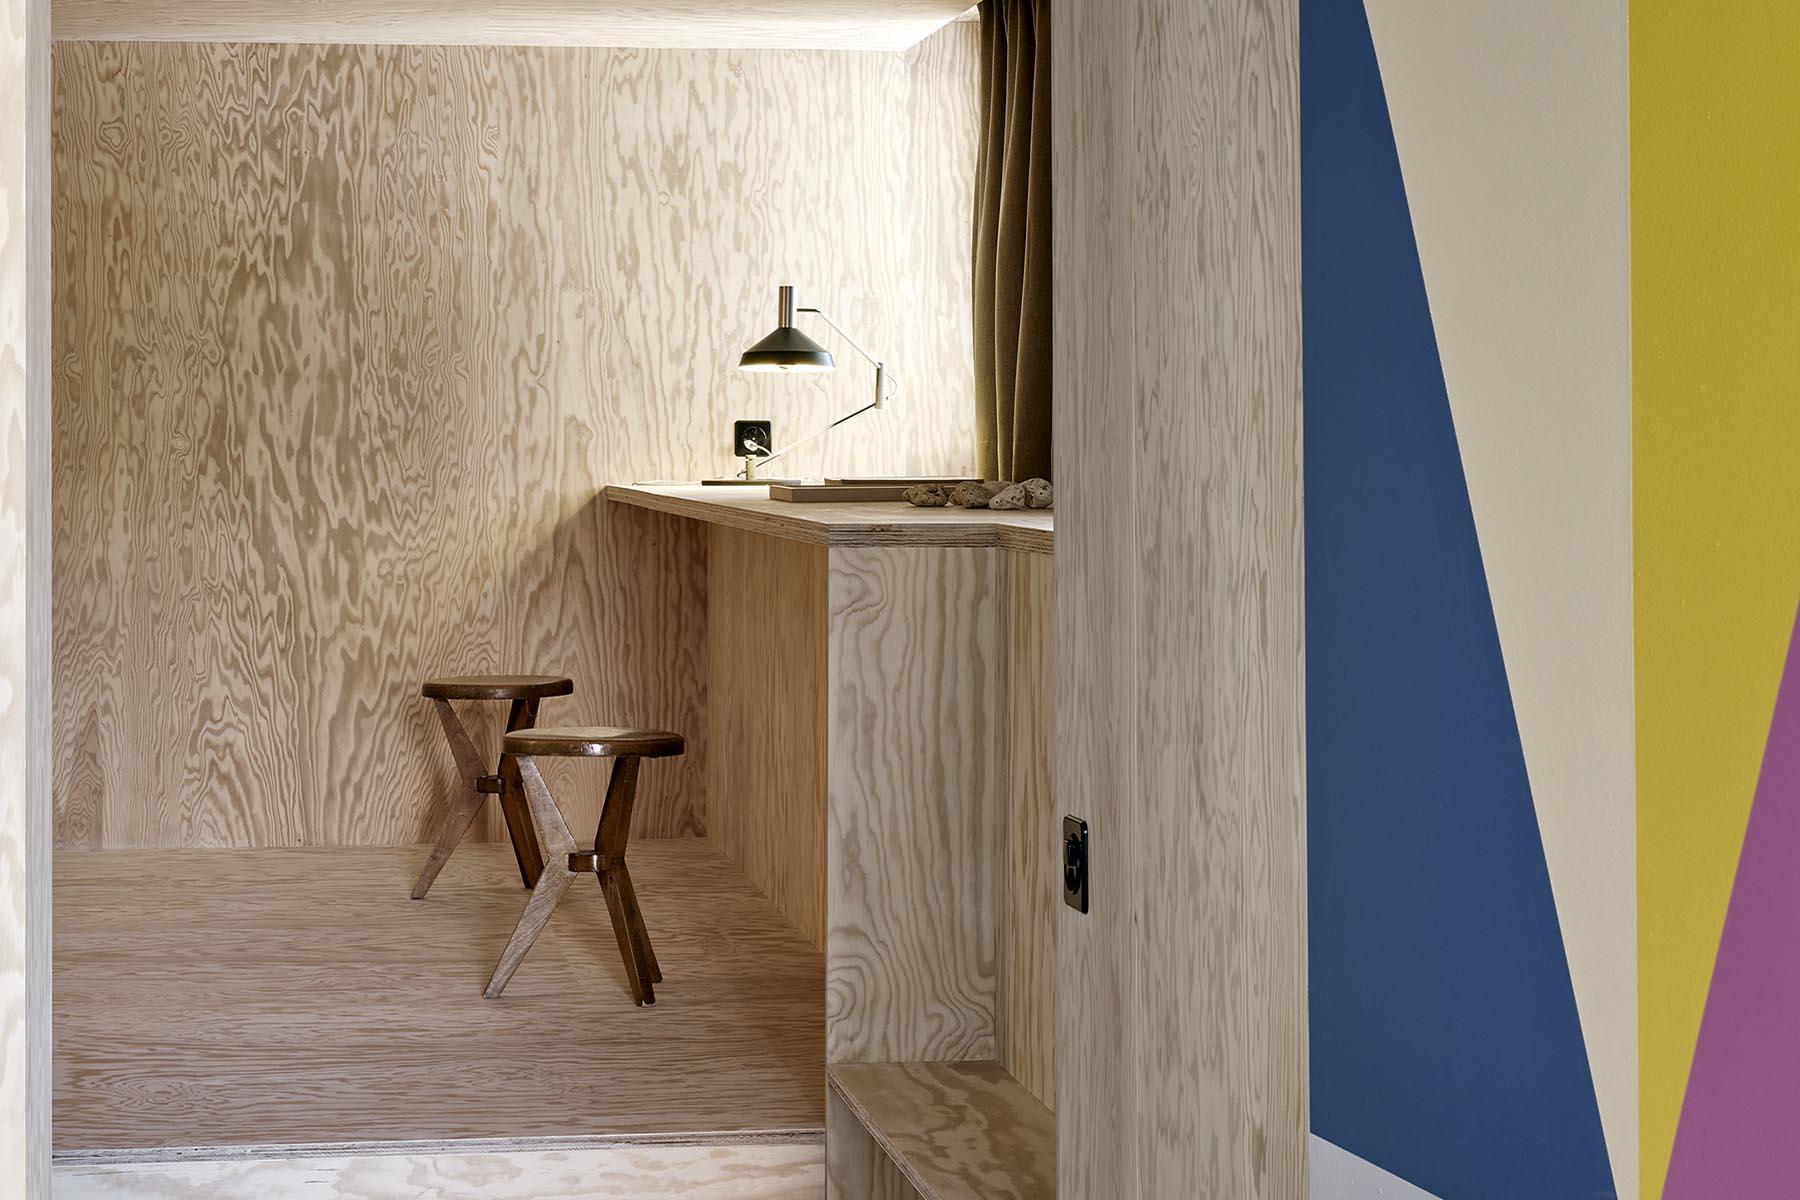 Lausanne, Aménagement de studio d'artiste / Artist's studio fit out, Burrus Nussbaumer Architectes